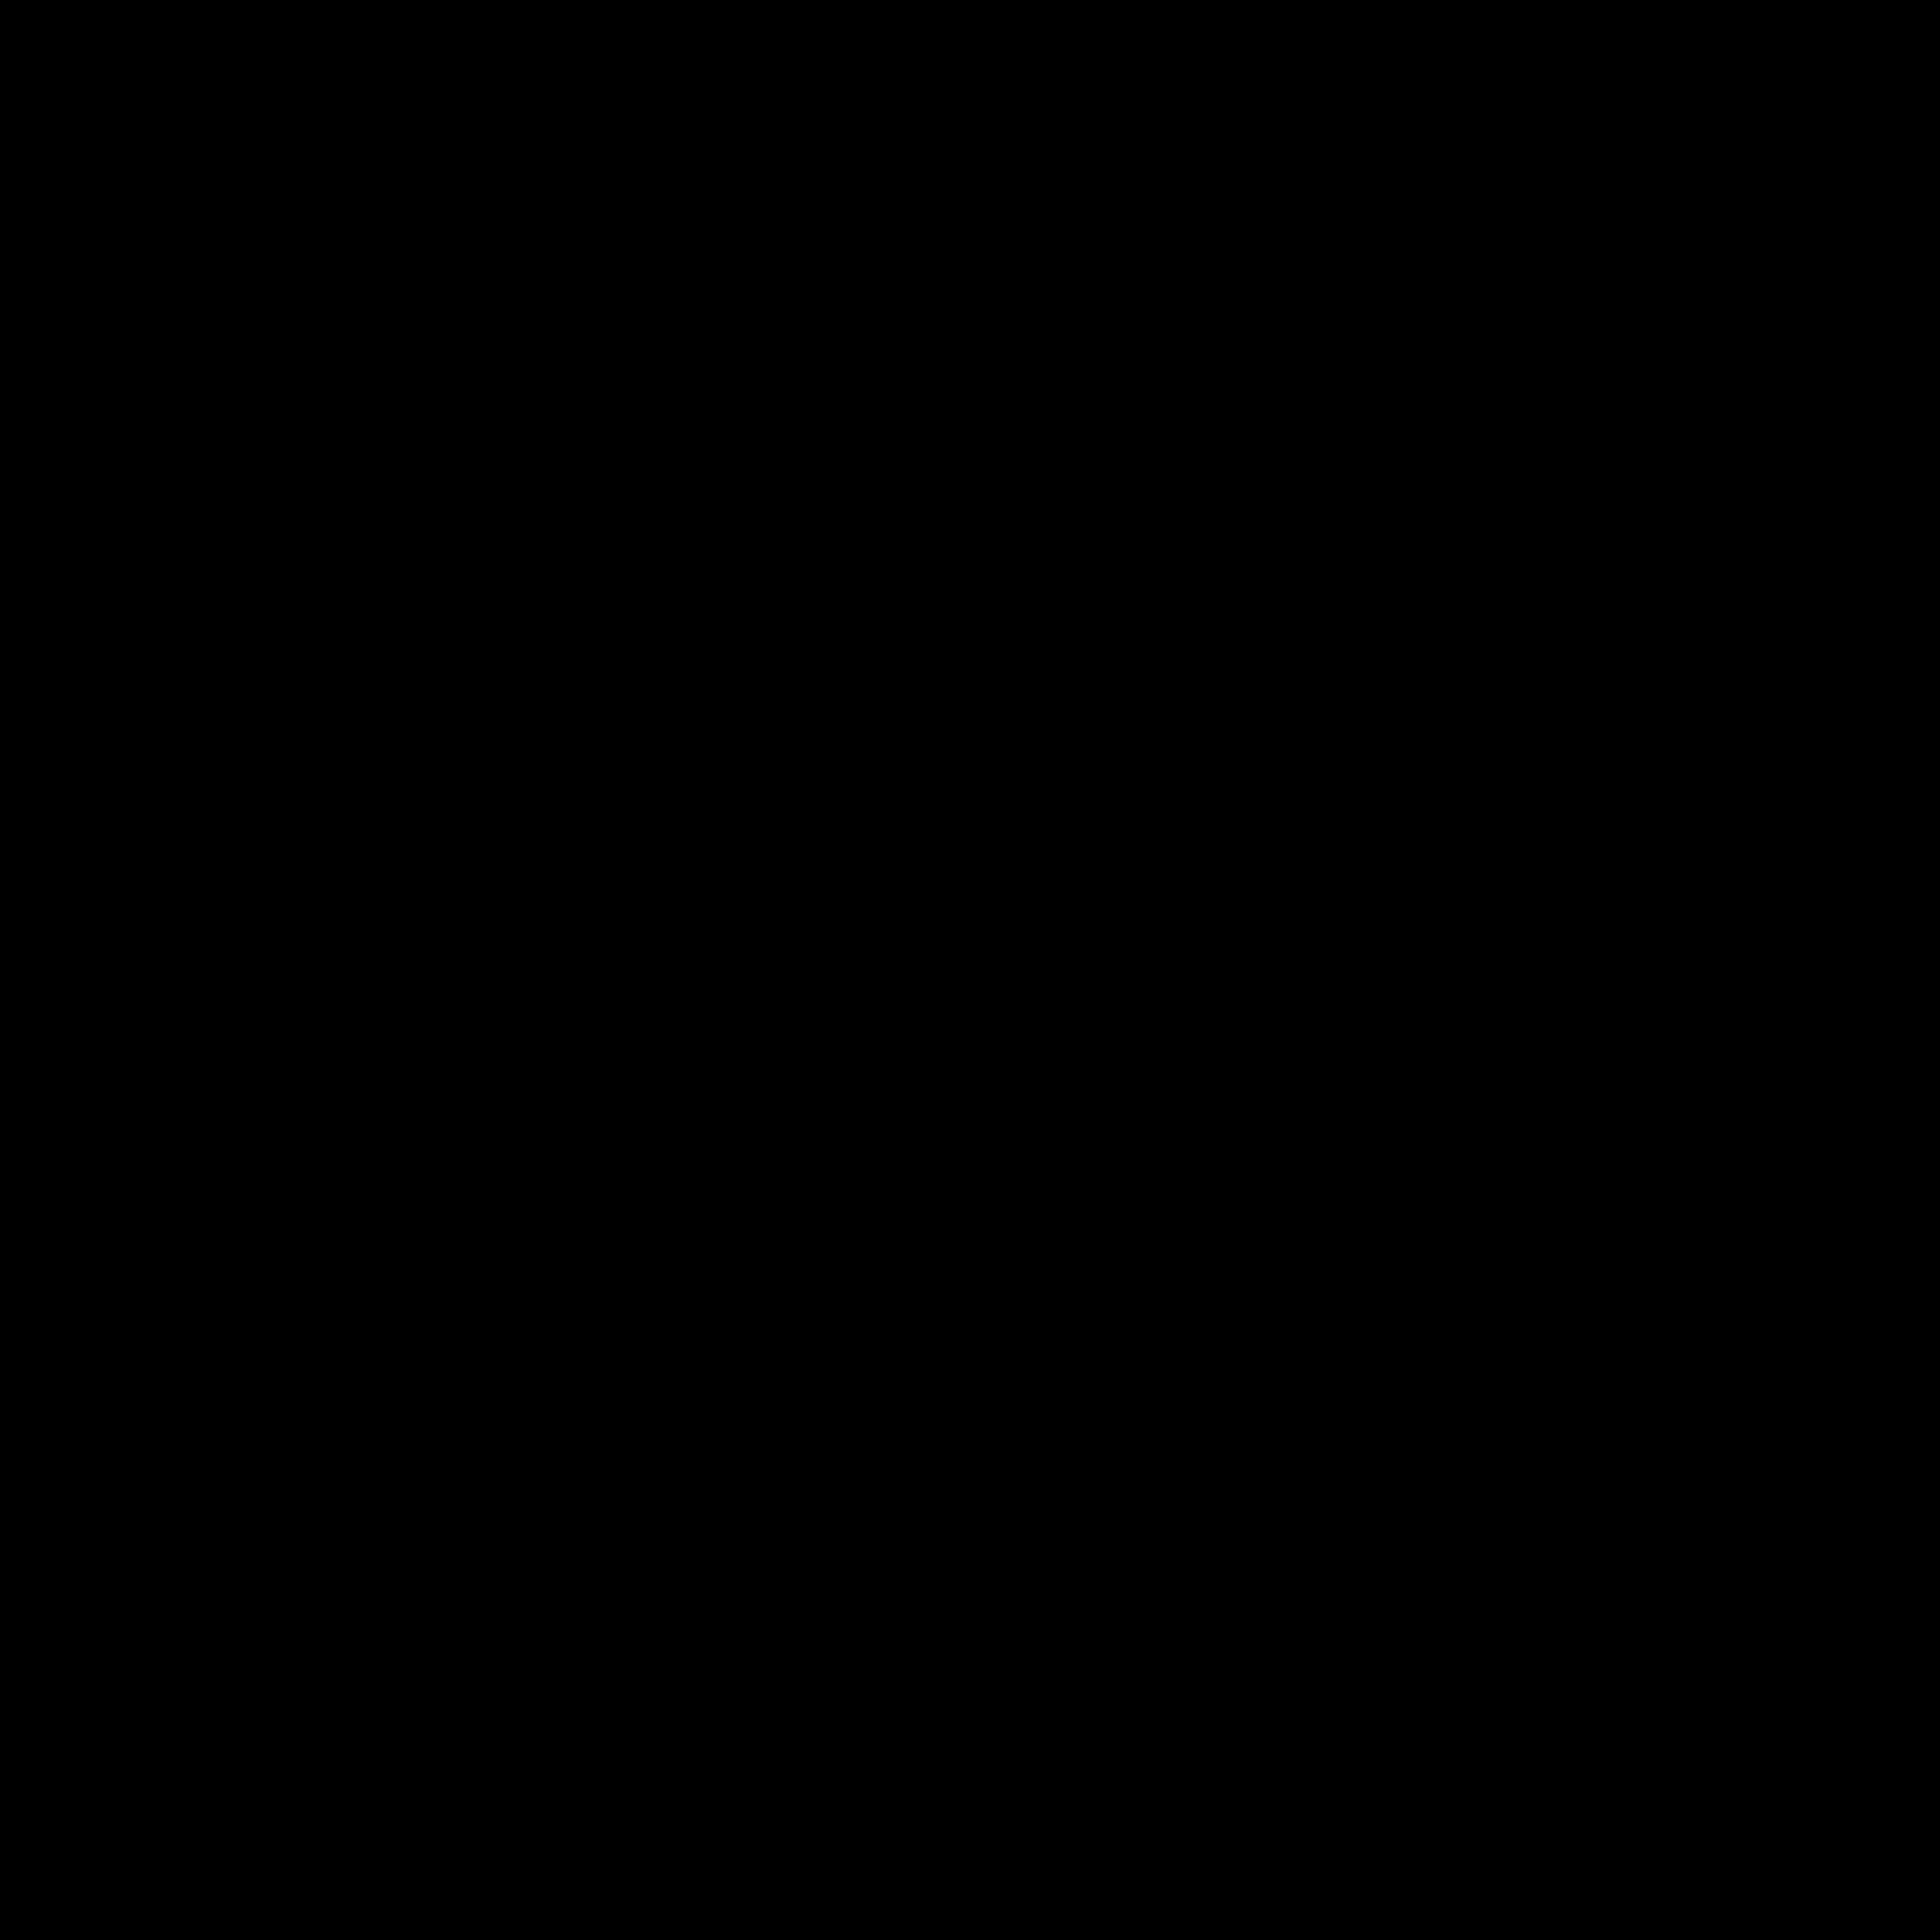 morgan stanley logo 0 - Morgan Stanley Logo